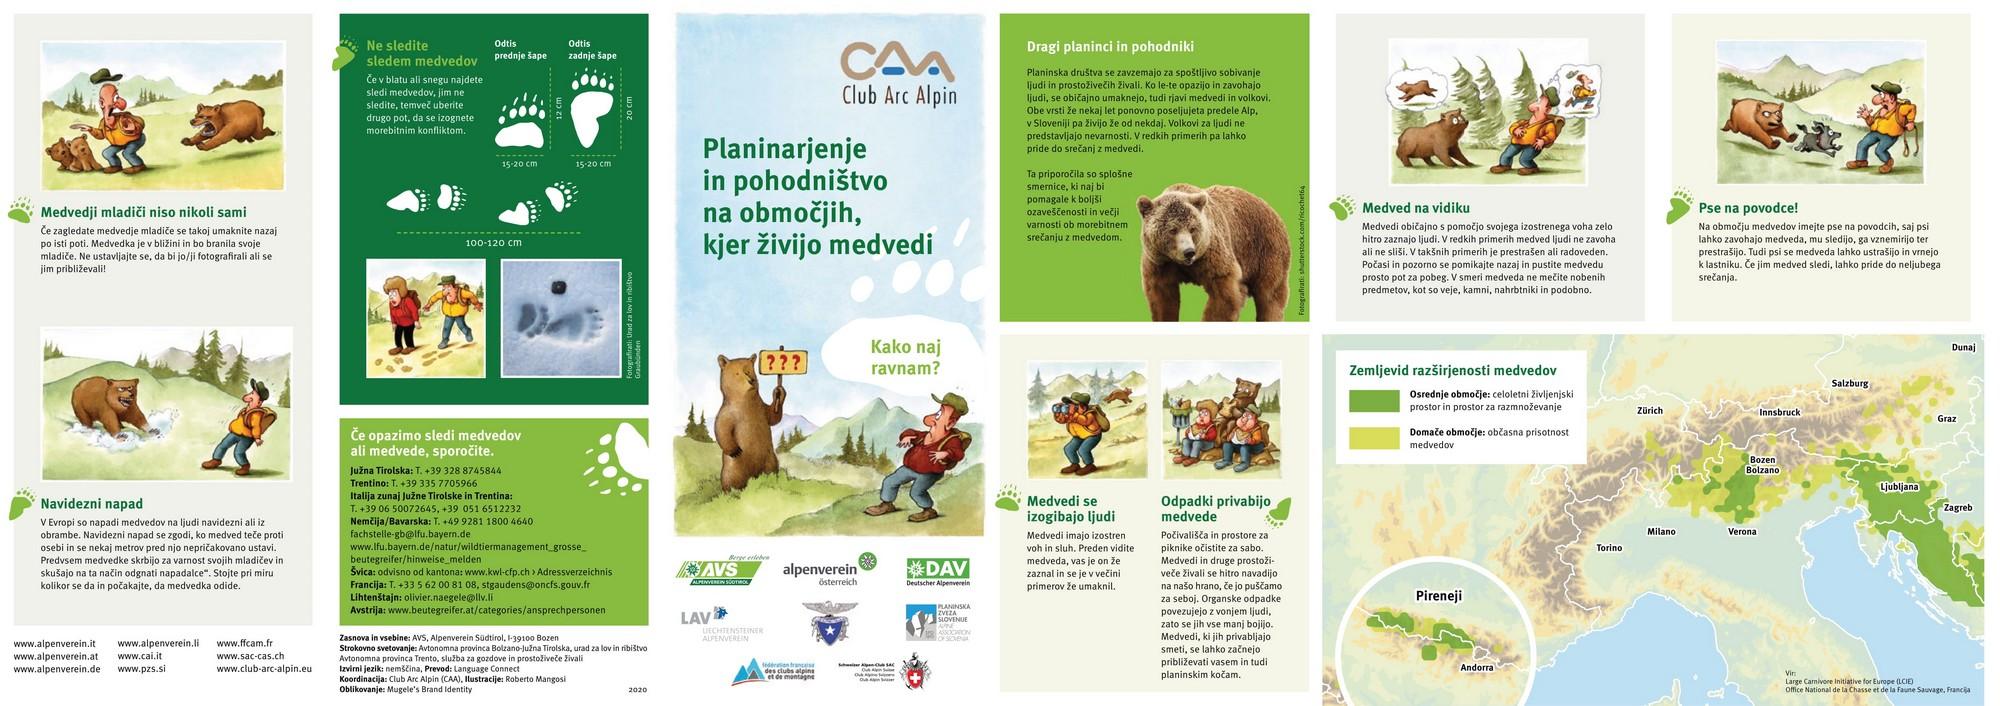 planinarjenje_pohodnistvo_na_obmocju_medveda